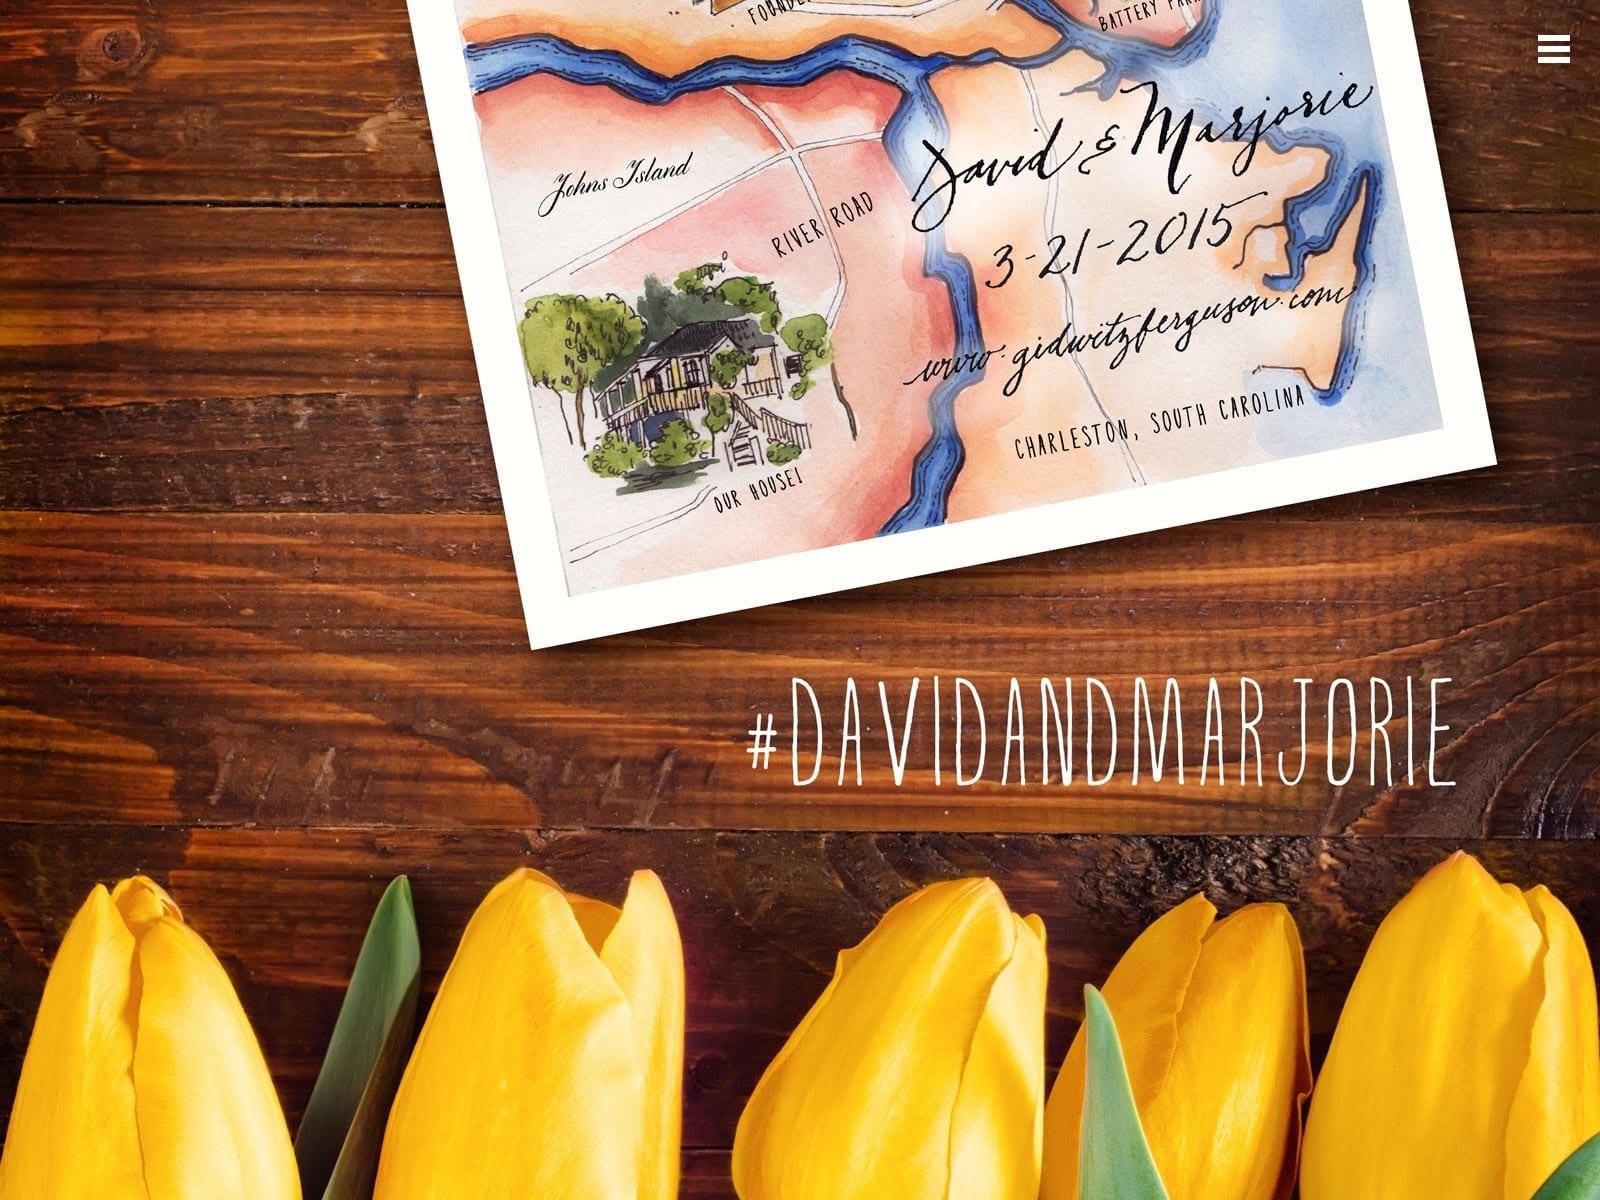 david-and-marjorie-wedding-website-2